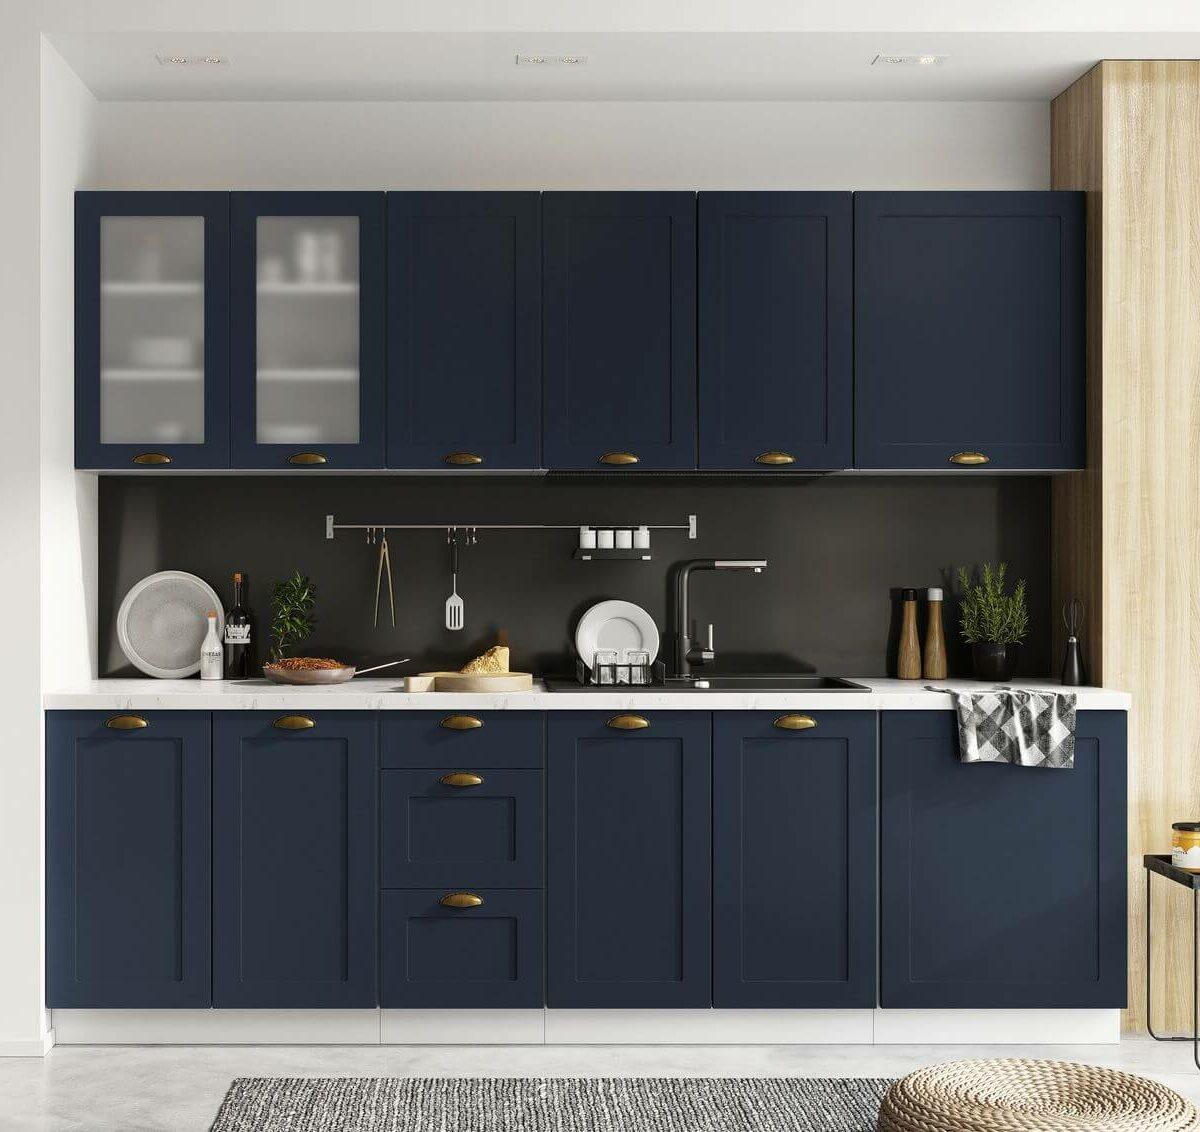 meuble de cuisine bleu marine foncée poignée doré laiton crédence murale grise anthracite